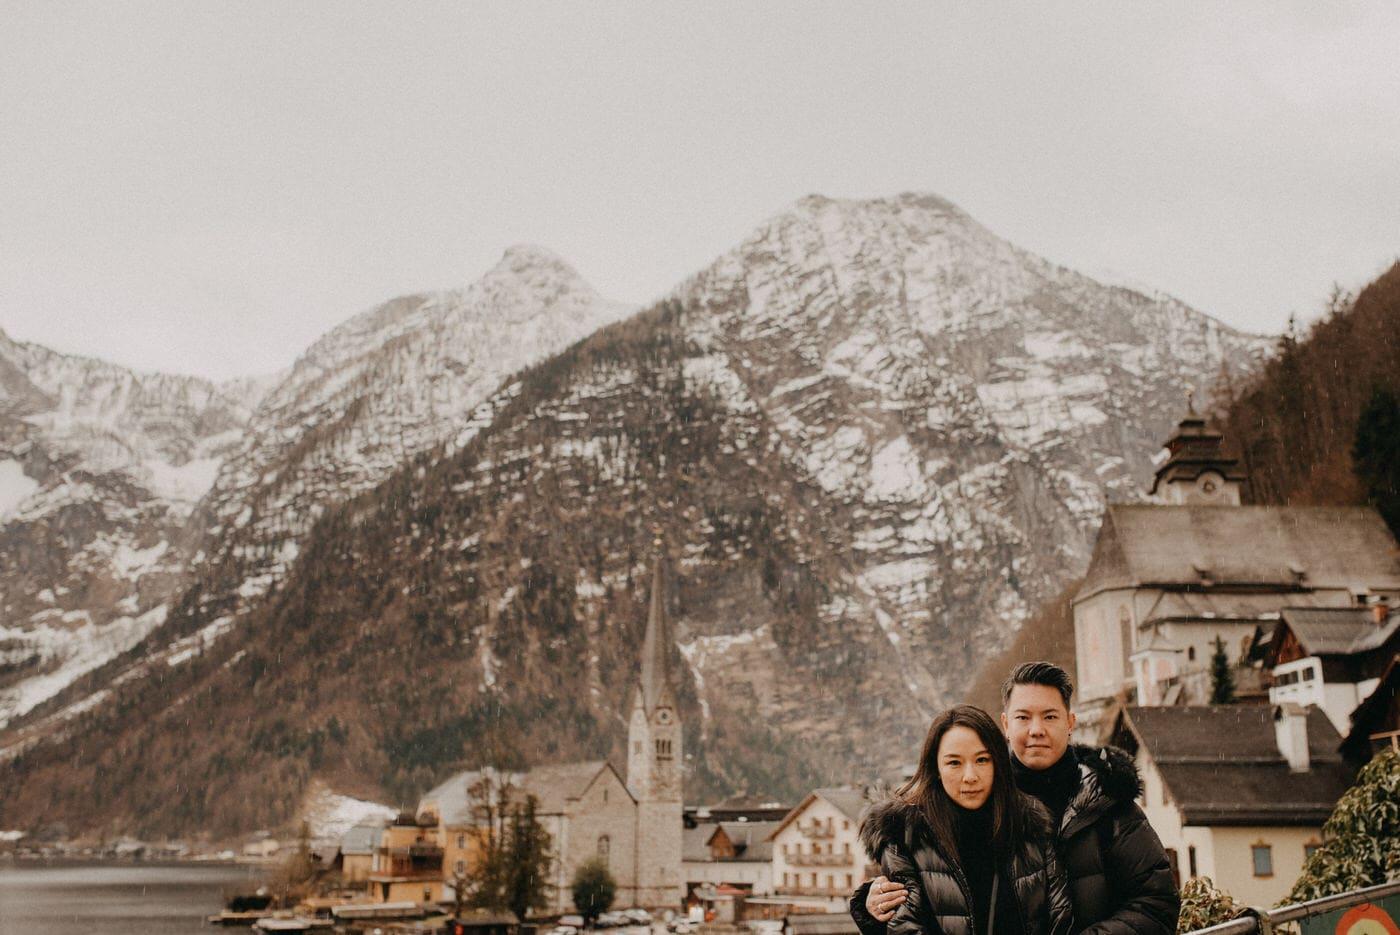 Verlobungs session in Hallstatt Österreich